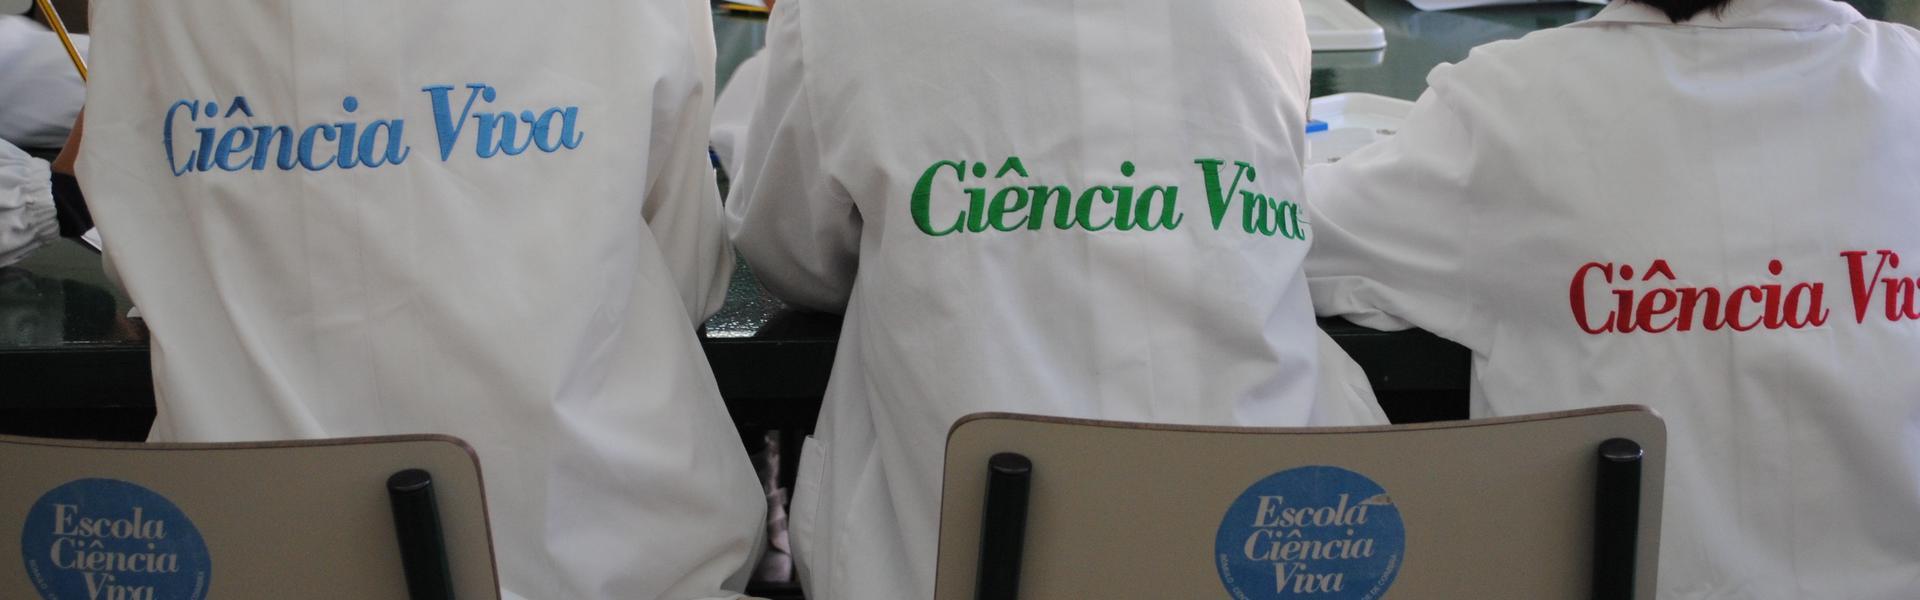 Escola Ciência Viva do Rómulo